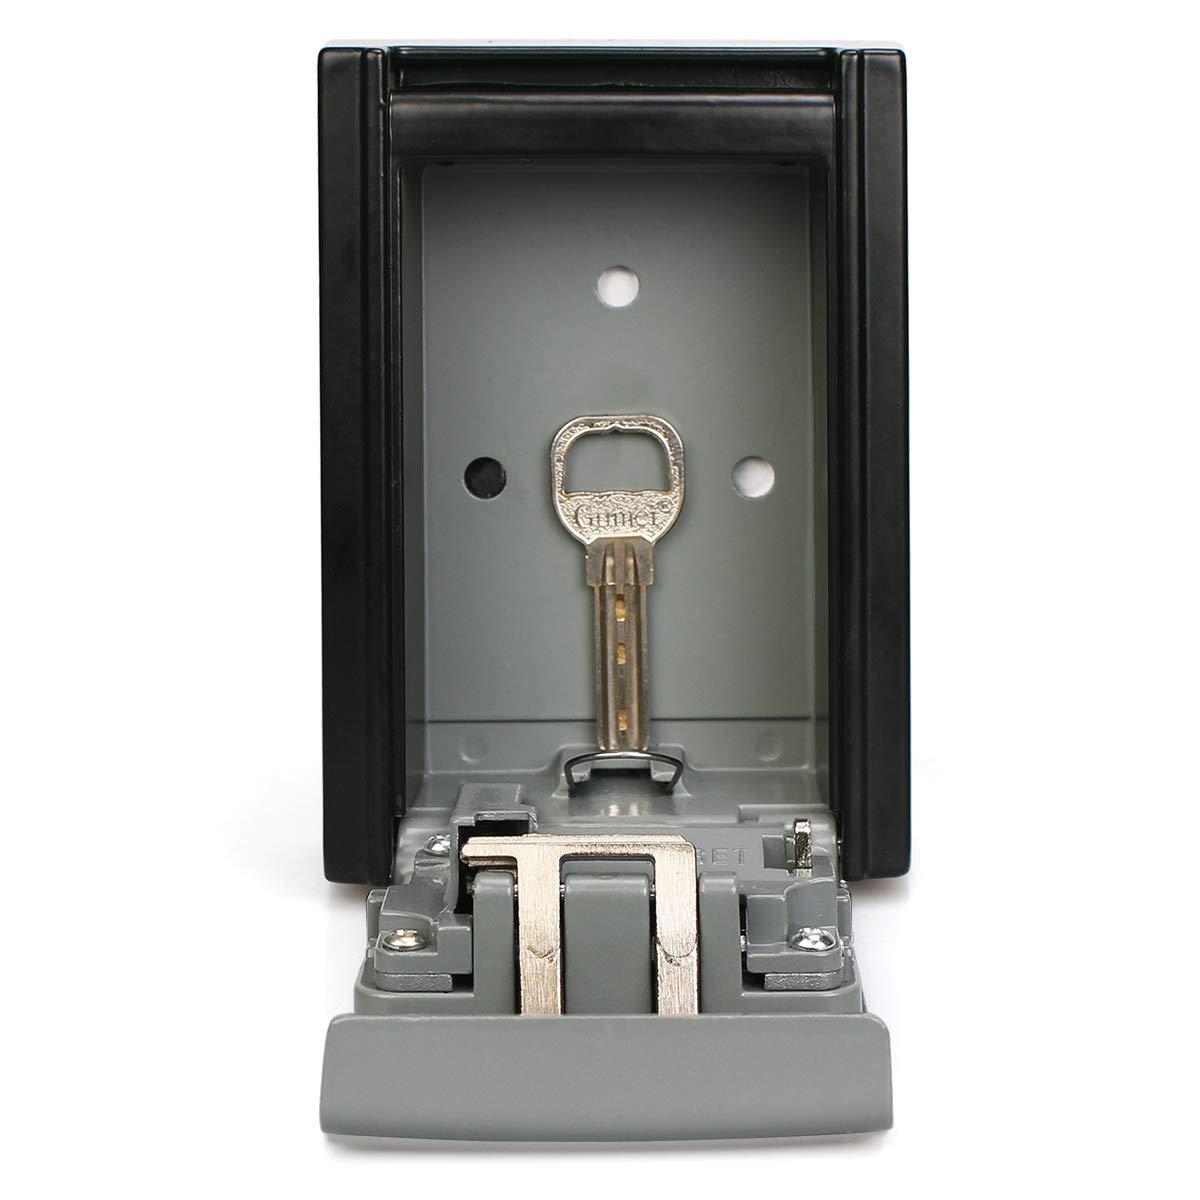 Retekess T14A Key Aufbewahrungsbox Key Safe Lock Box Aluminiumlegierung Vierstelliges Passwort mit Abdeckung f/ür Dekoration Wohnung Wasserkraft Instandhaltung Fabrikbau Wohnung B /& B